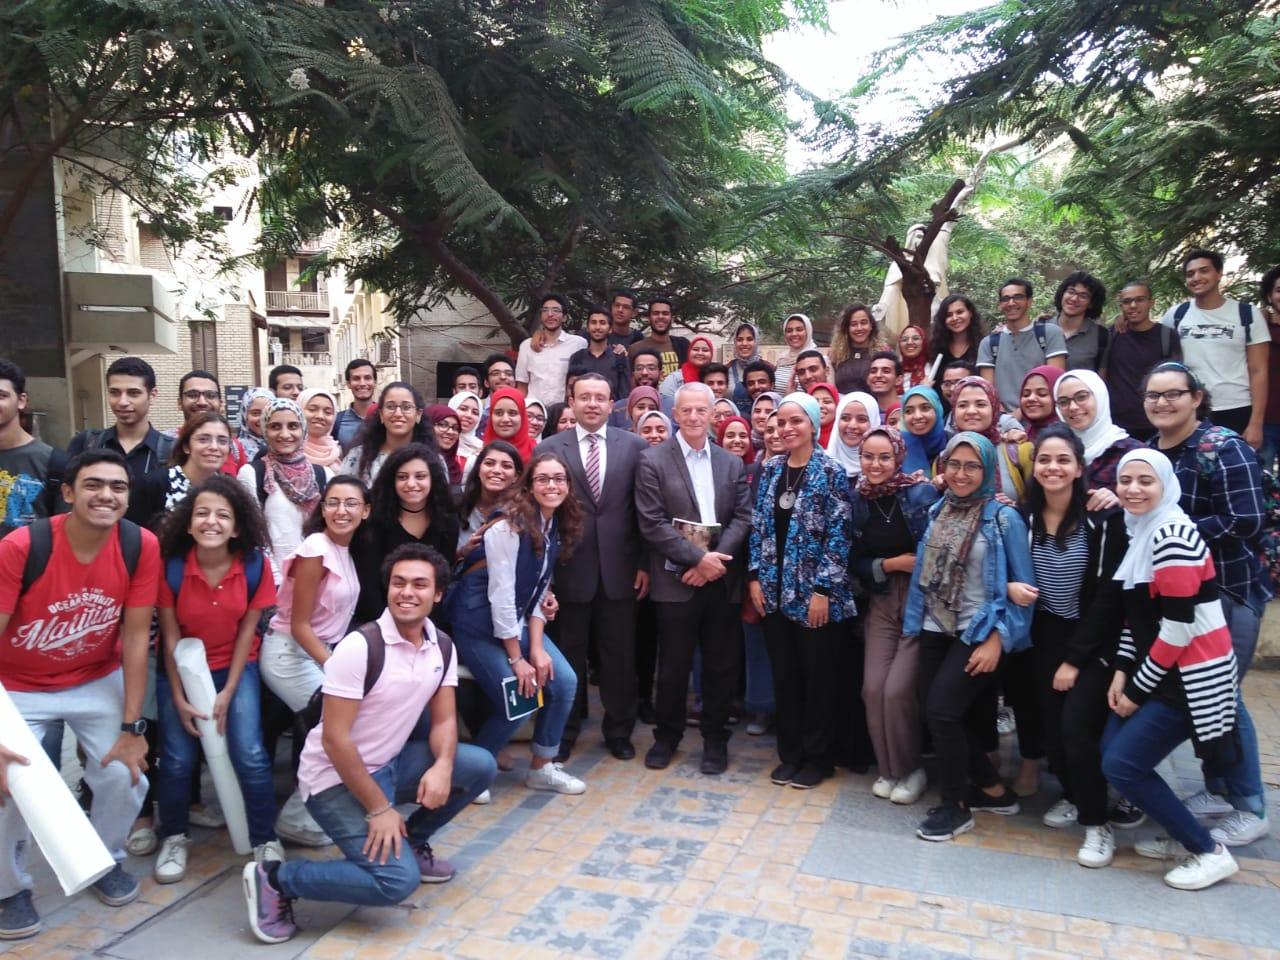 5 الدكتور محمد مجدى أبو النور والدكتورة دعاء شحاتة وعدد من الطلاب والطالبات